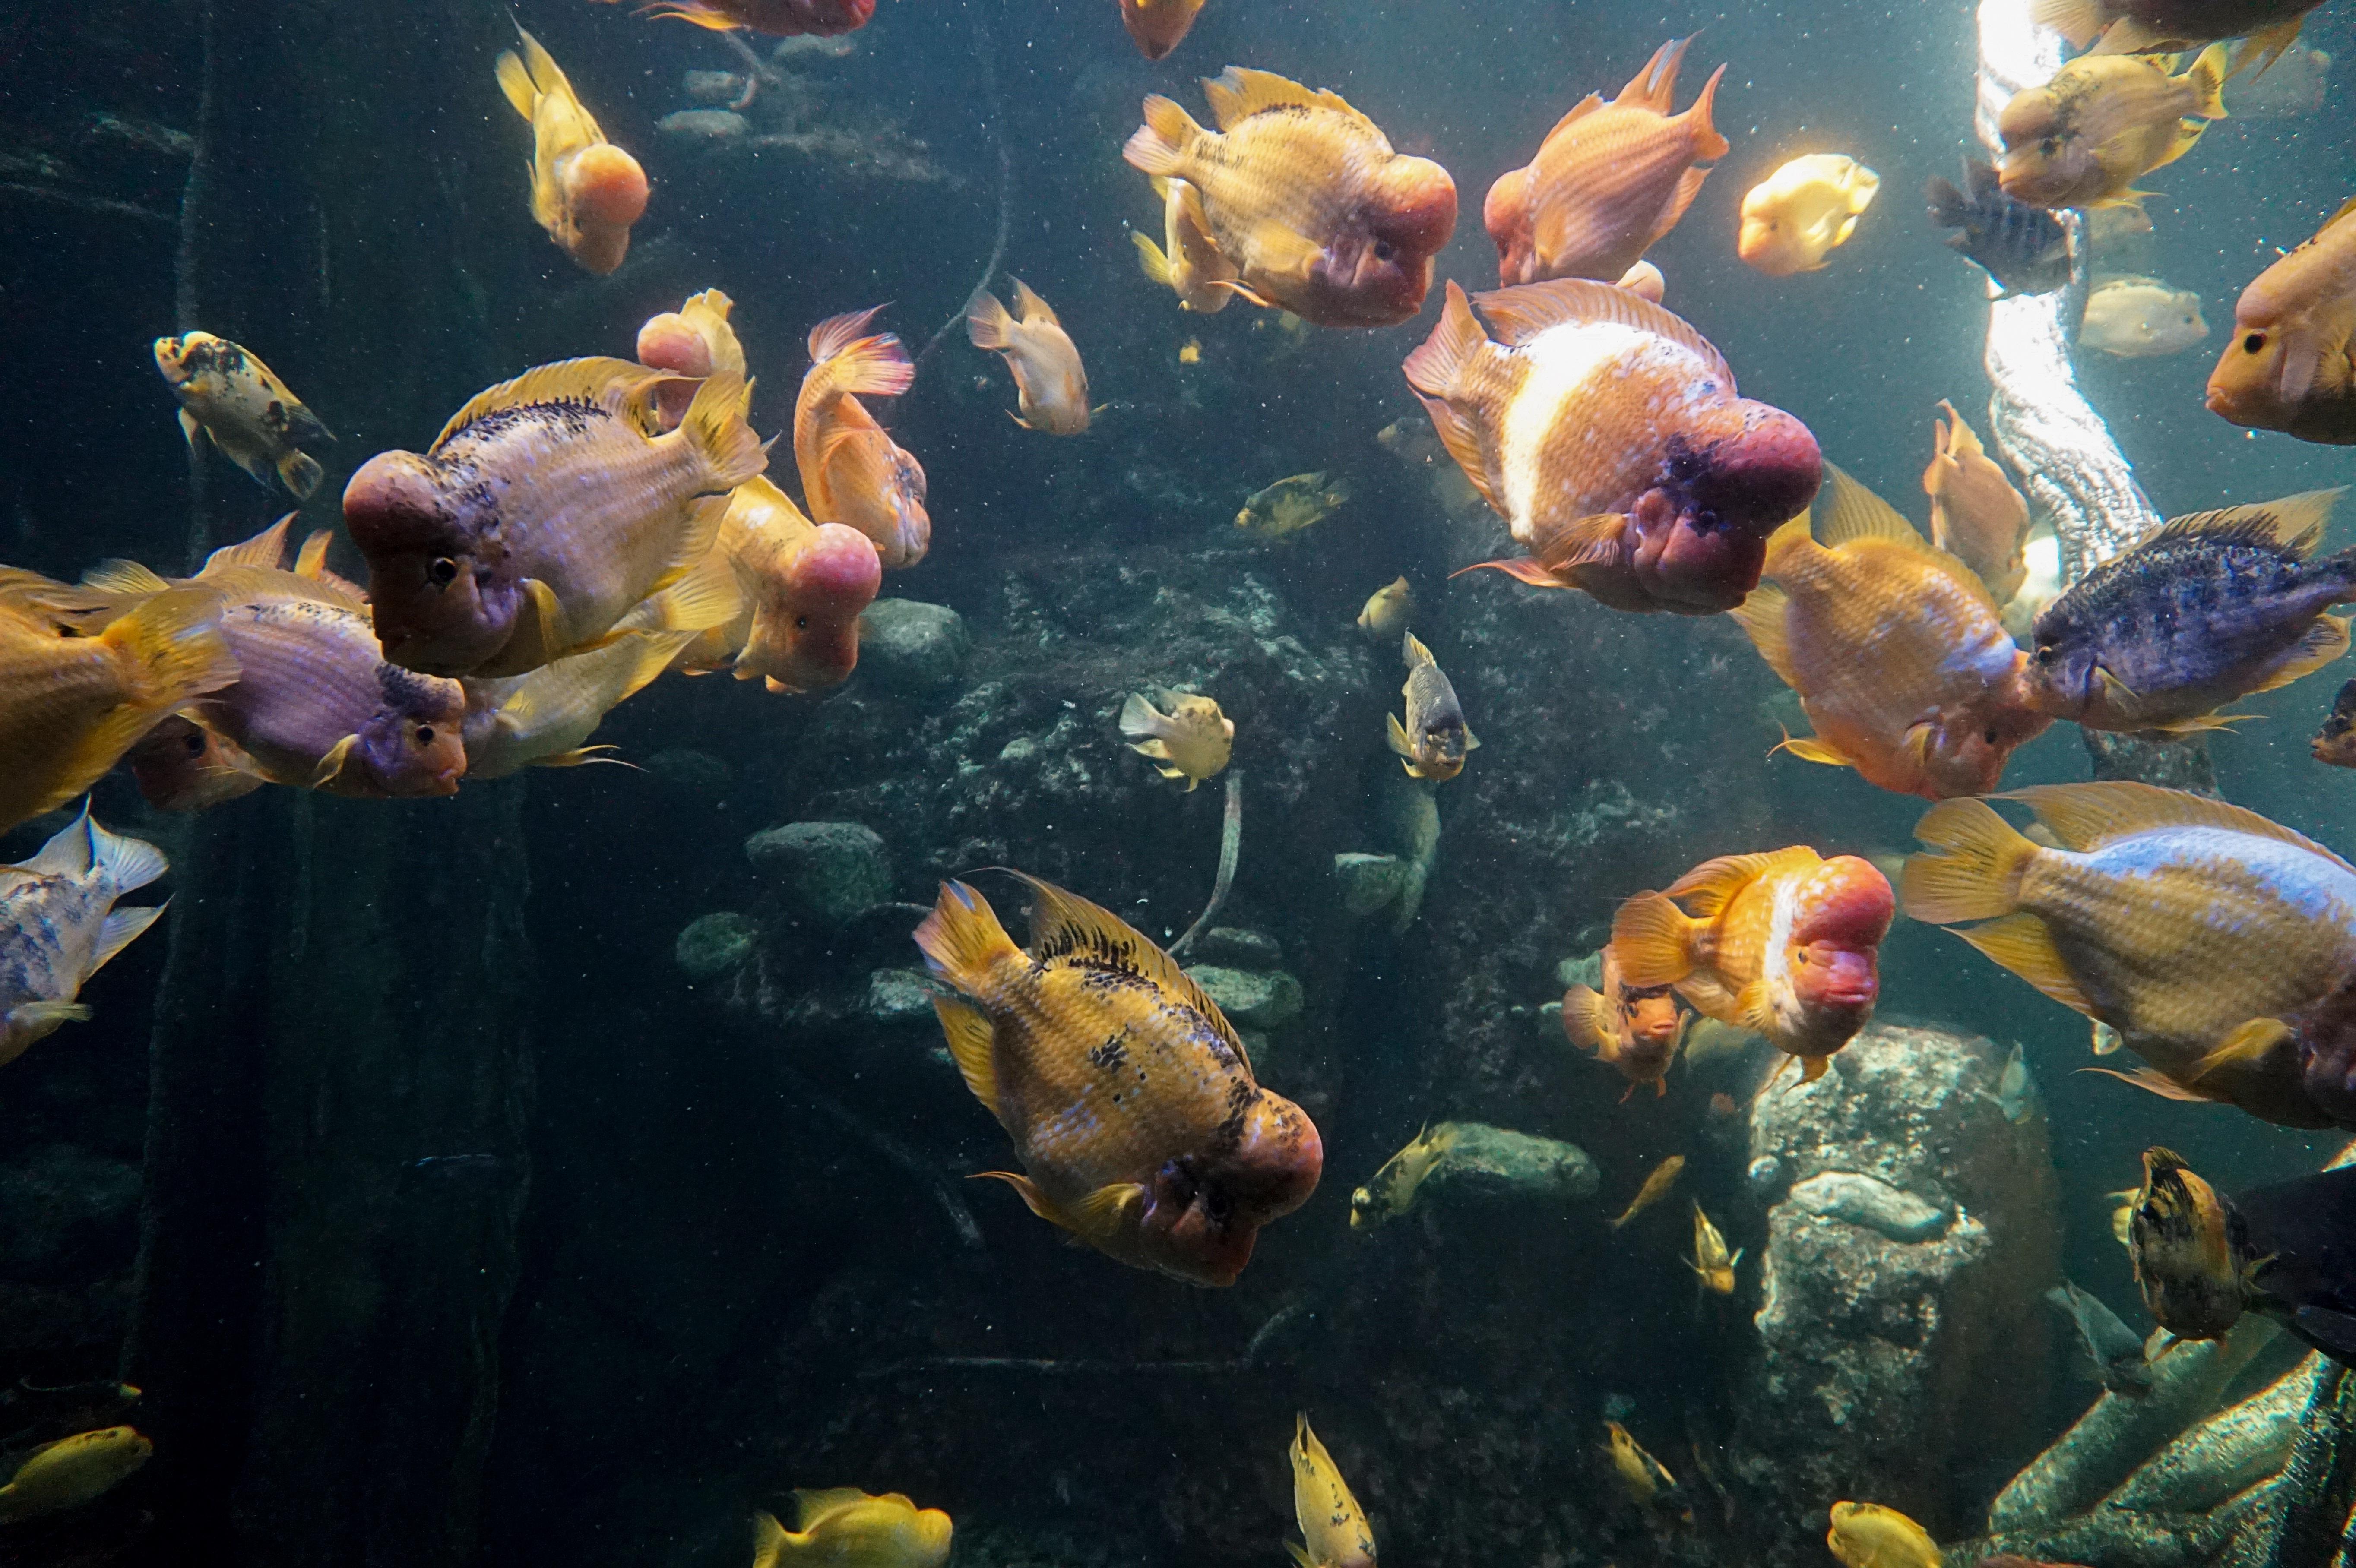 приусадебном картинка рыбы плавают в воде там было около